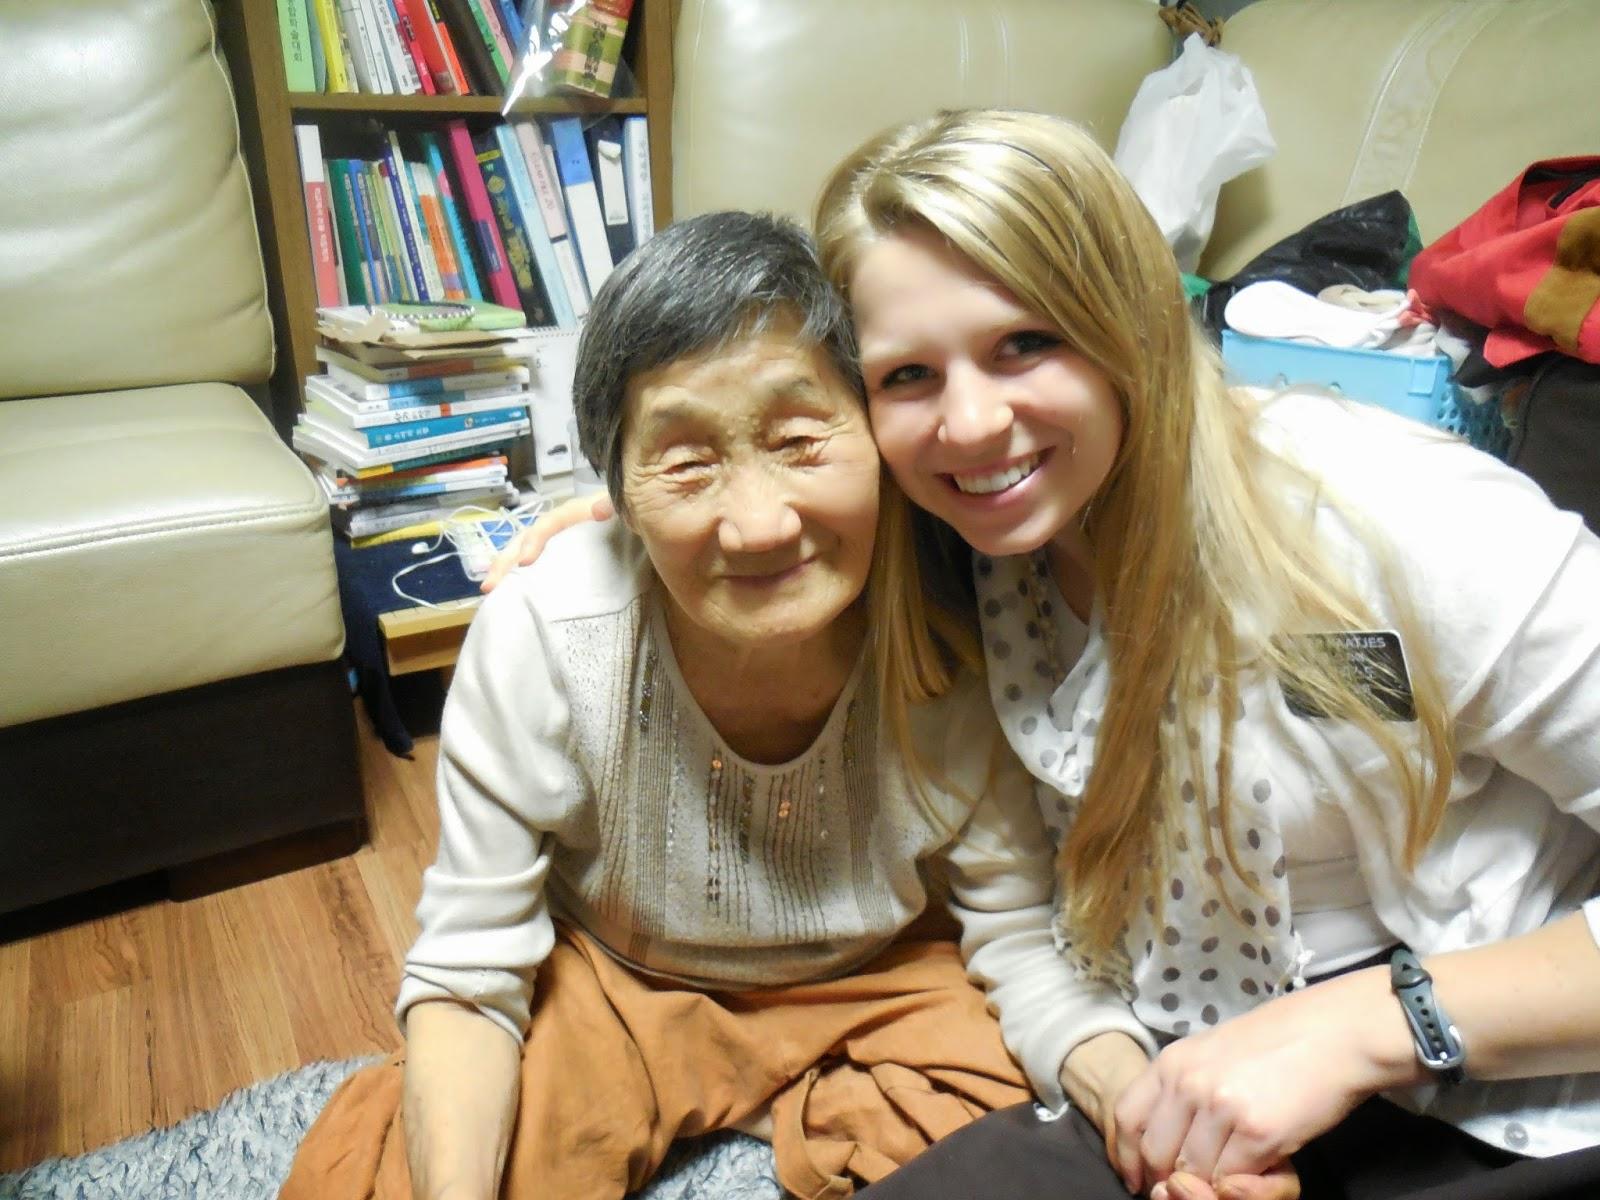 One of my new favorite grandmas :)